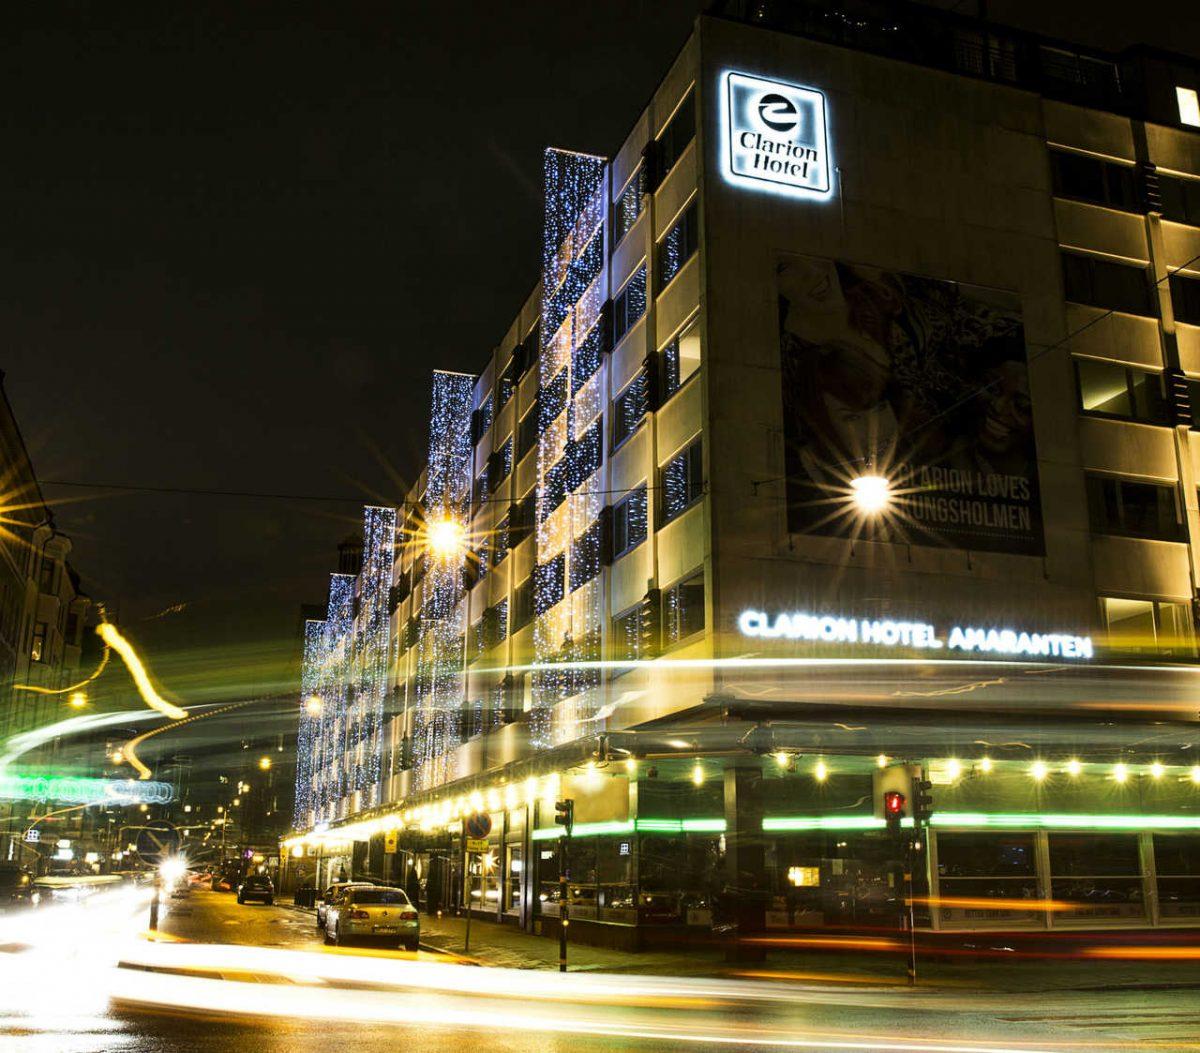 Exterior del Clarion Hotel Amaranten en Estocolmo